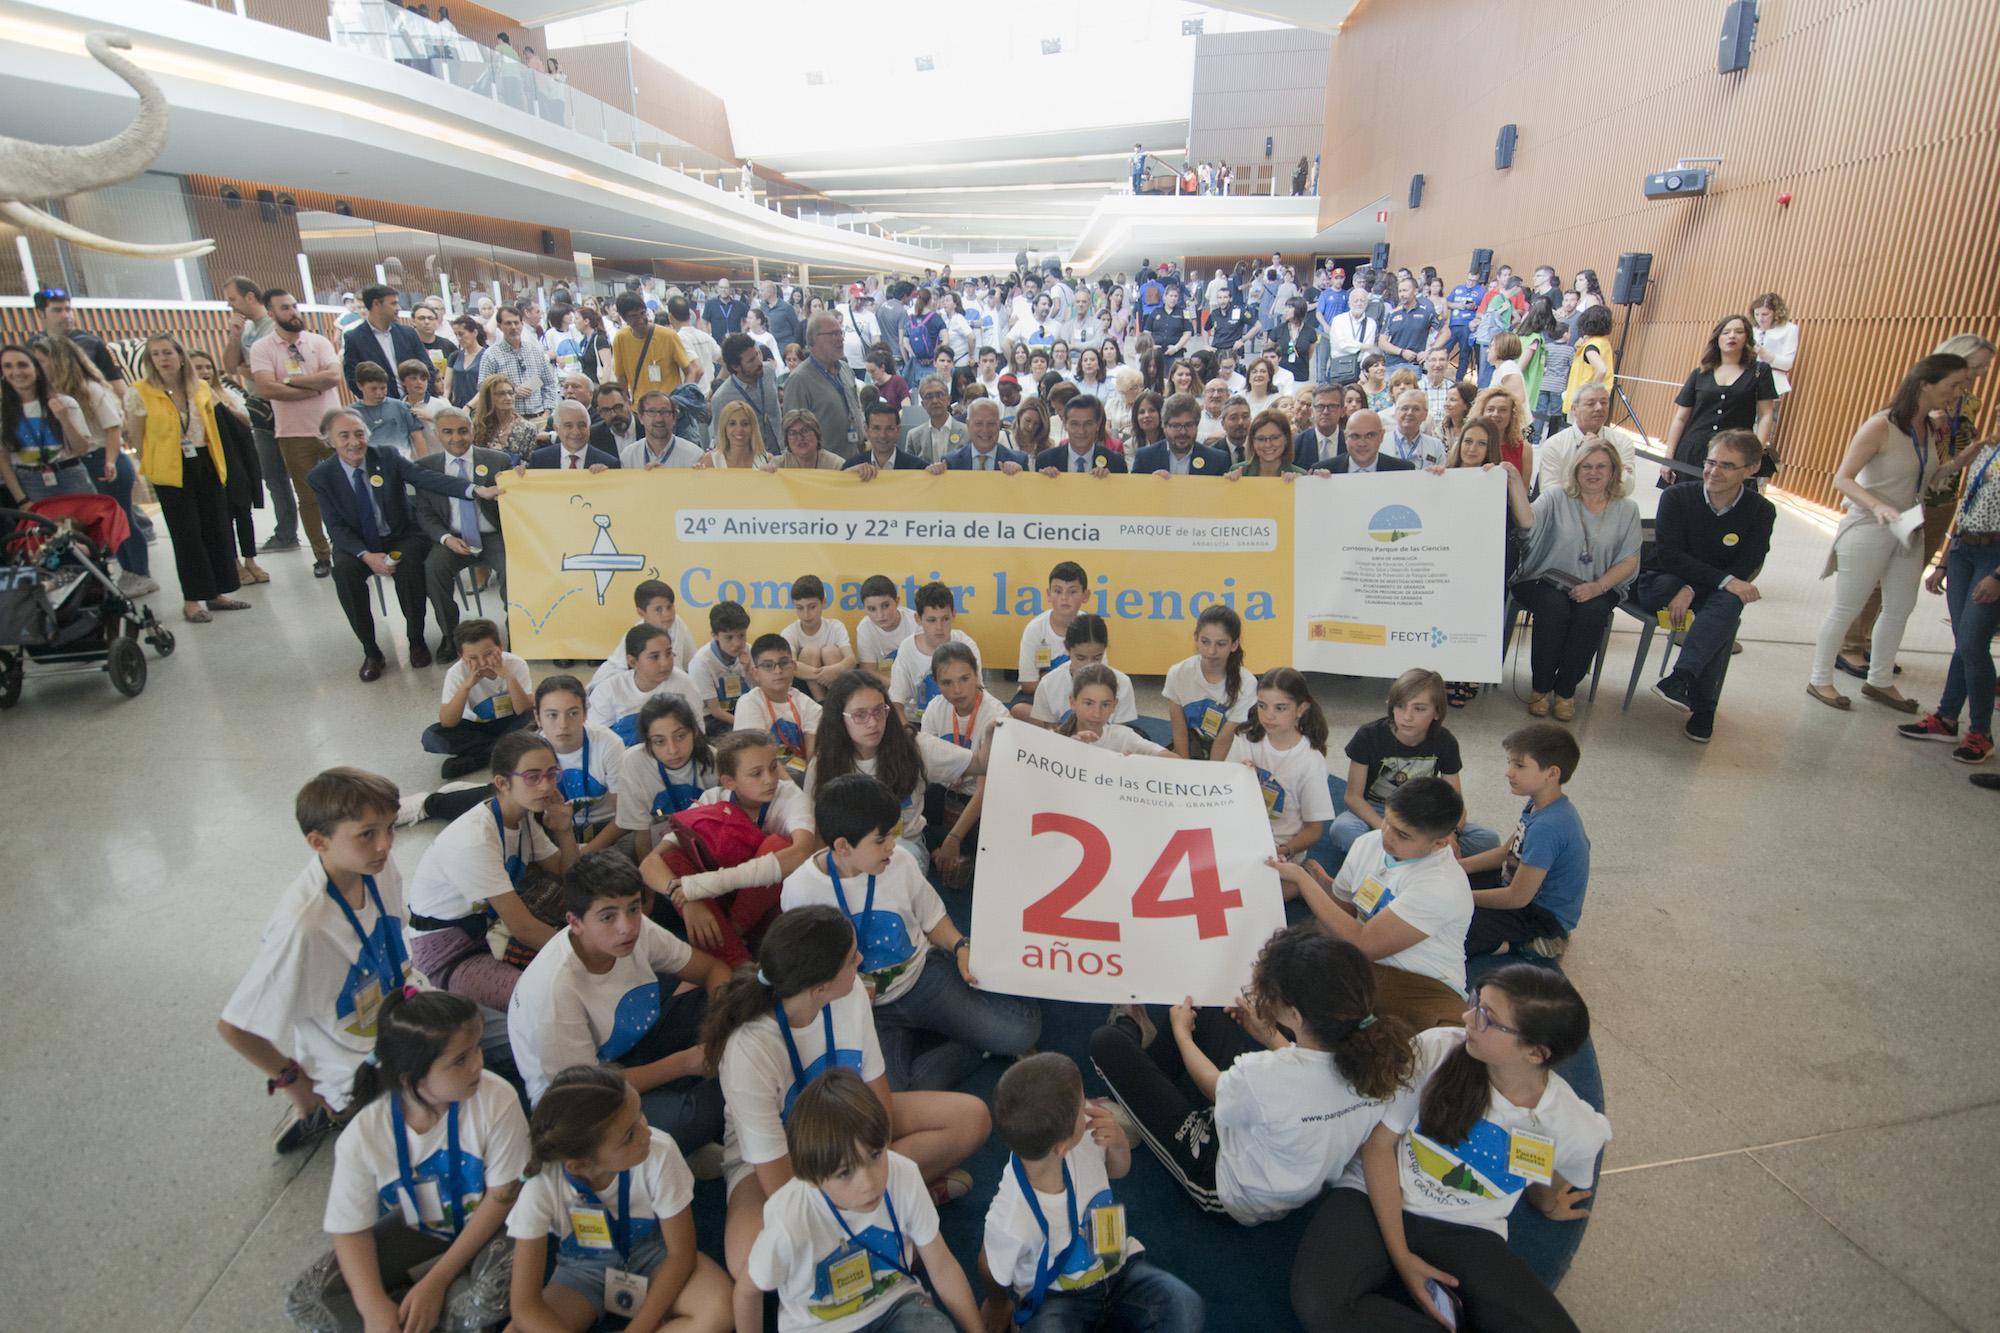 El Parque de las Ciencias celebra su aniversario con más de 13.000 visitas